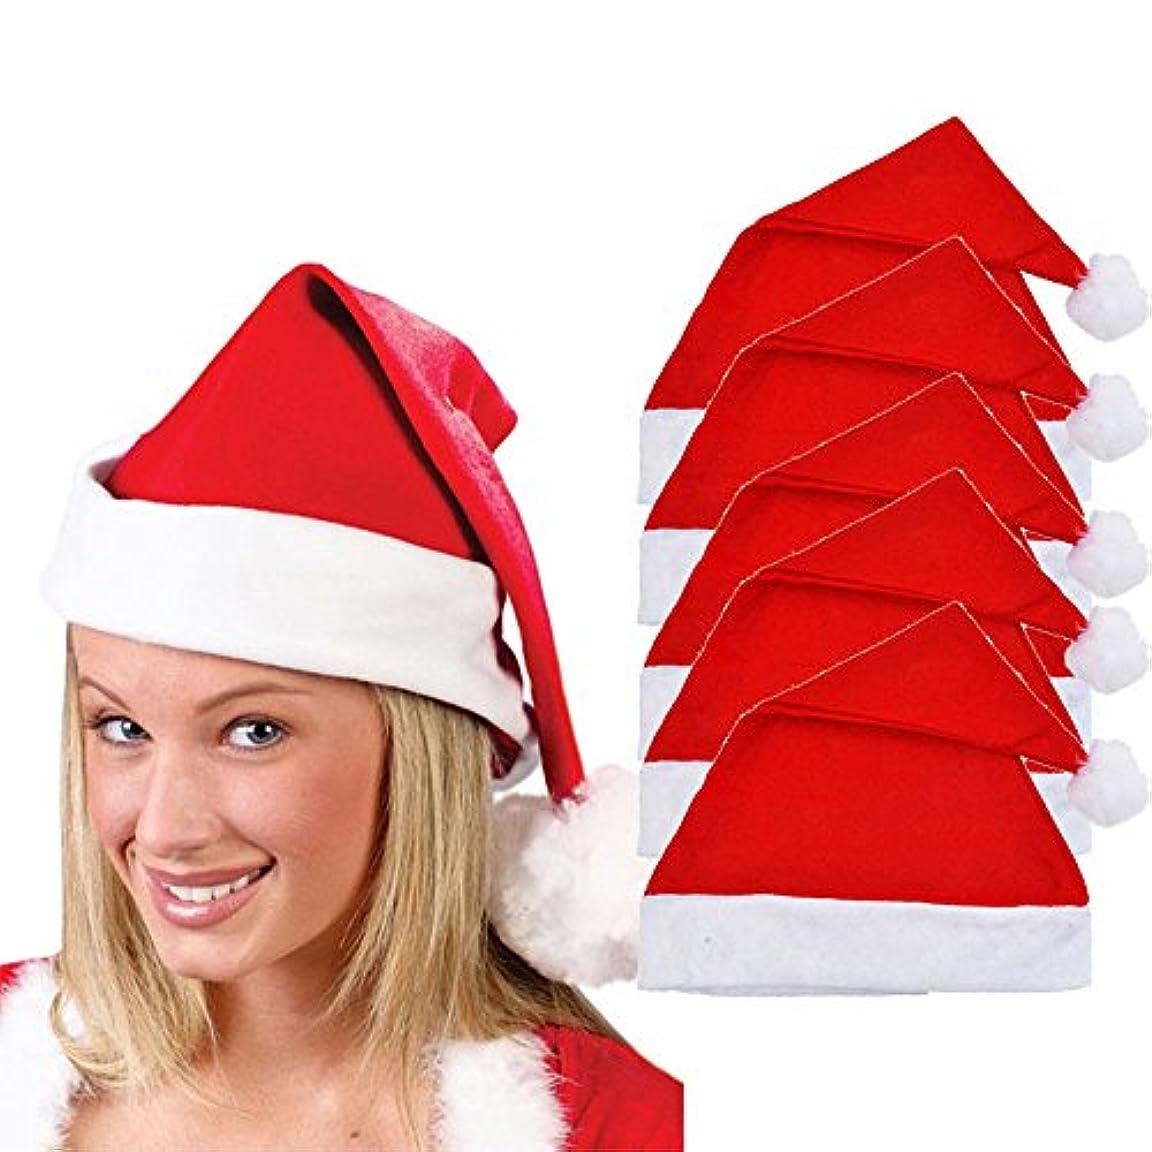 大通り地図ハロウィンRacazing クリスマスハット 5つの レッド Hat ライト ドームキャップ 防寒対策 通気性のある 防風 ニット帽 暖かい 軽量 屋外 スキー 自転車 クリスマス 男女兼用 Christmas Cap